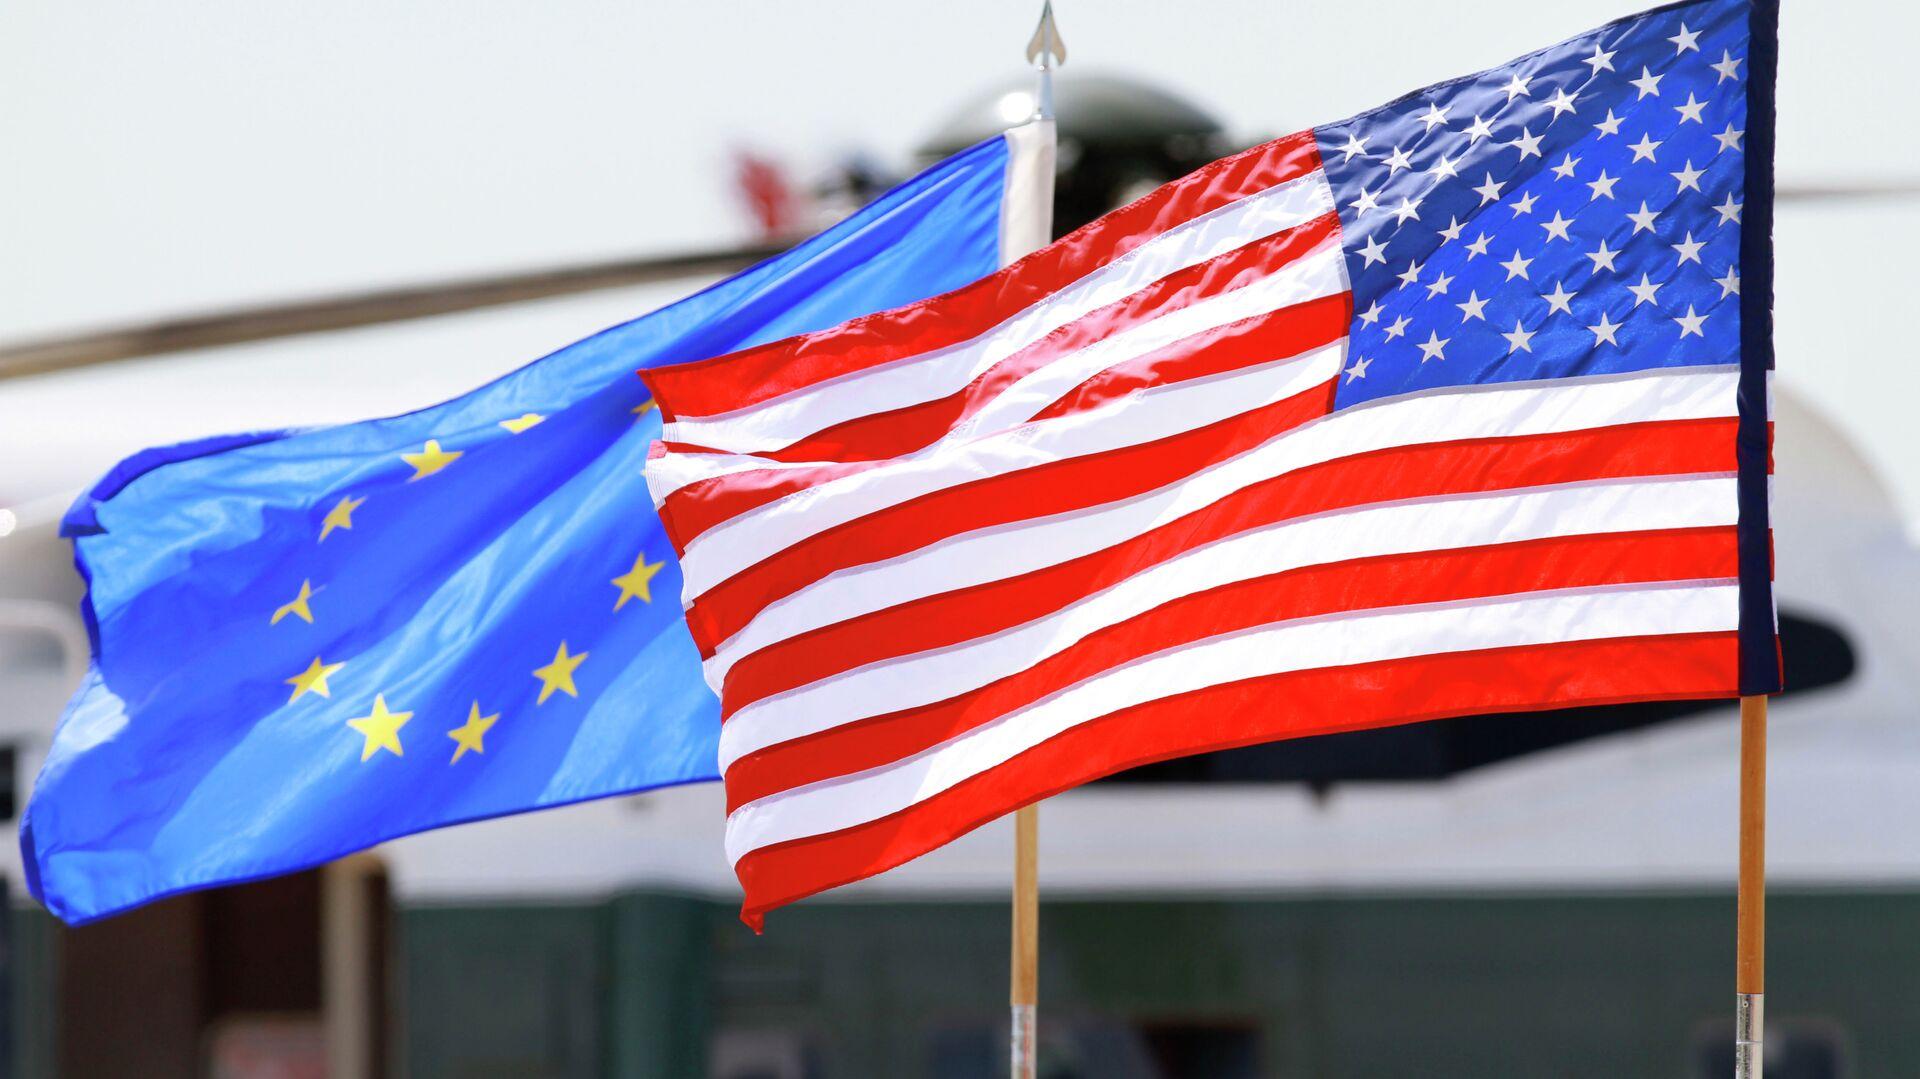 Banderas de la UE y EEUU - Sputnik Mundo, 1920, 20.04.2021